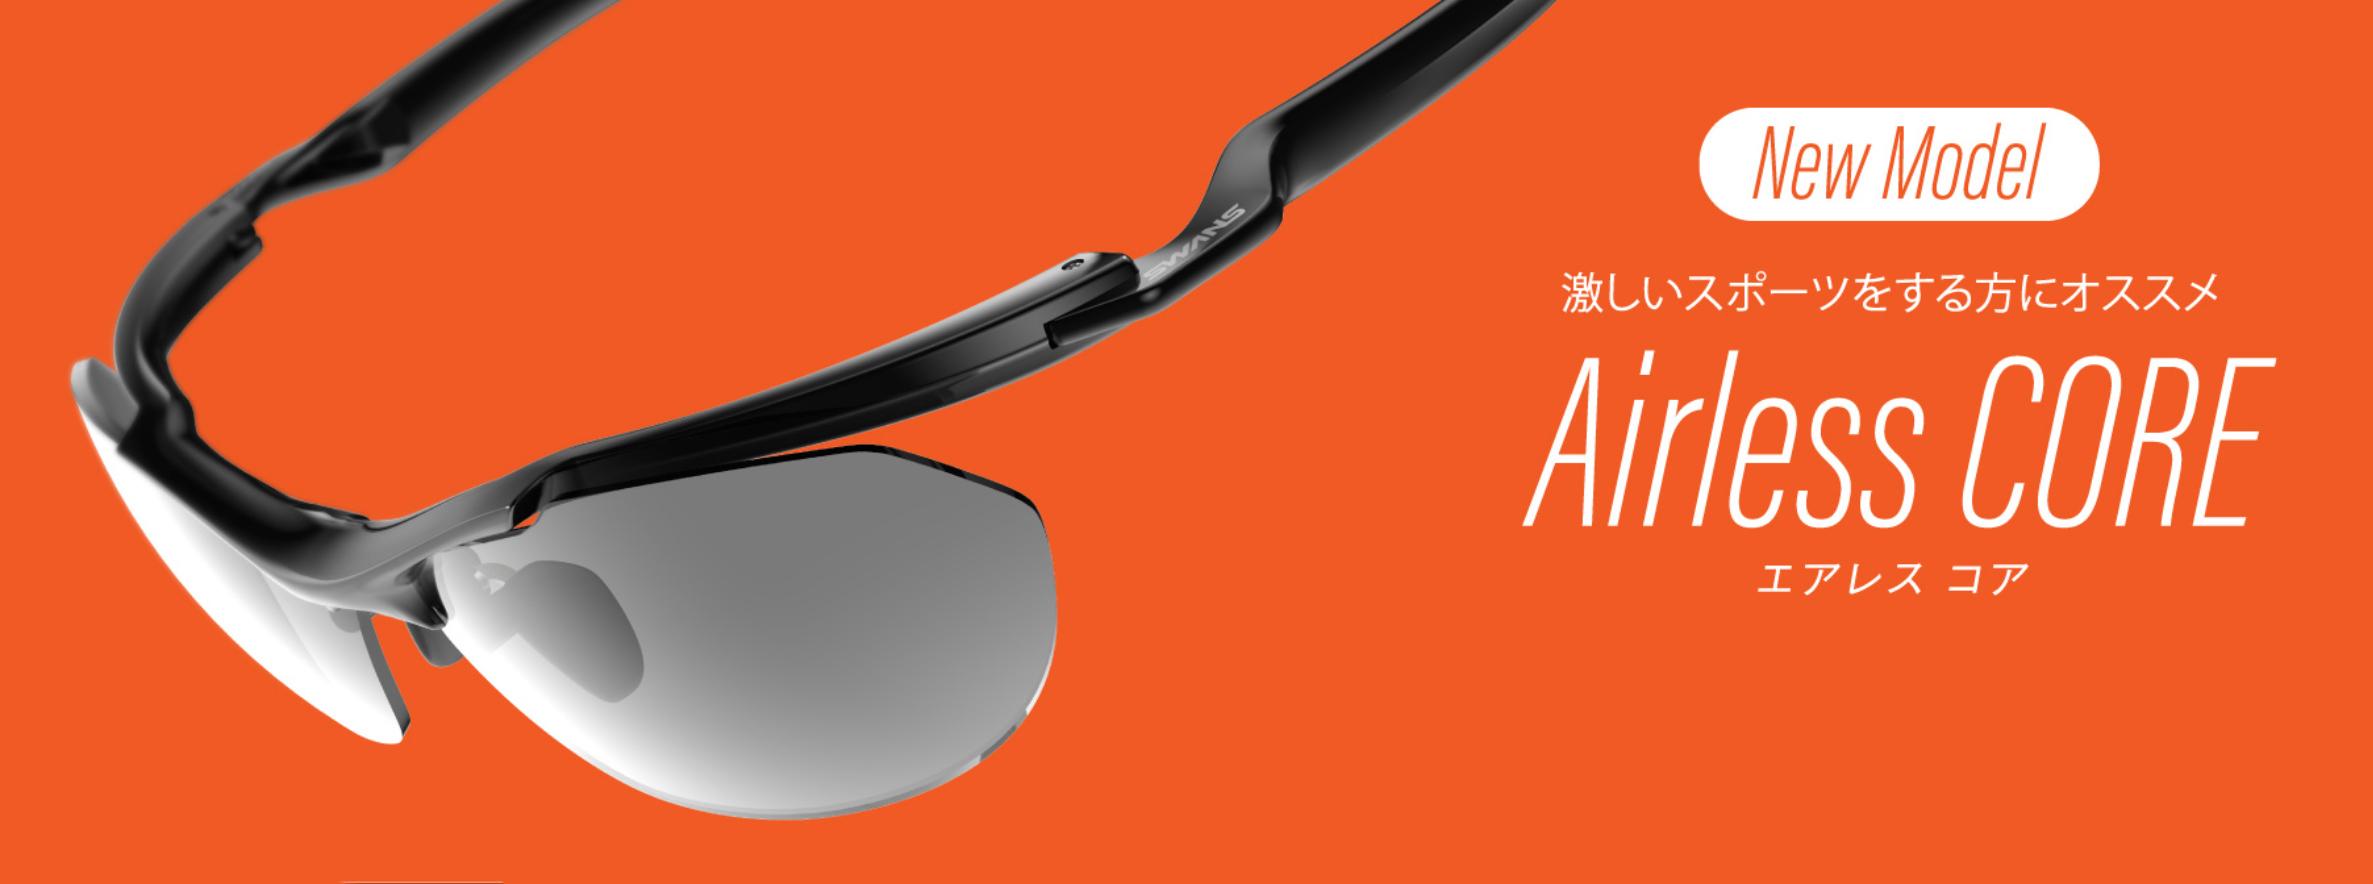 タケオ社長のDAKARA金栄堂 Youtube編 史上最強の軽さとフィット感を両立したSWANS最新作Airless-Coreを検証!_c0003493_19471531.jpg